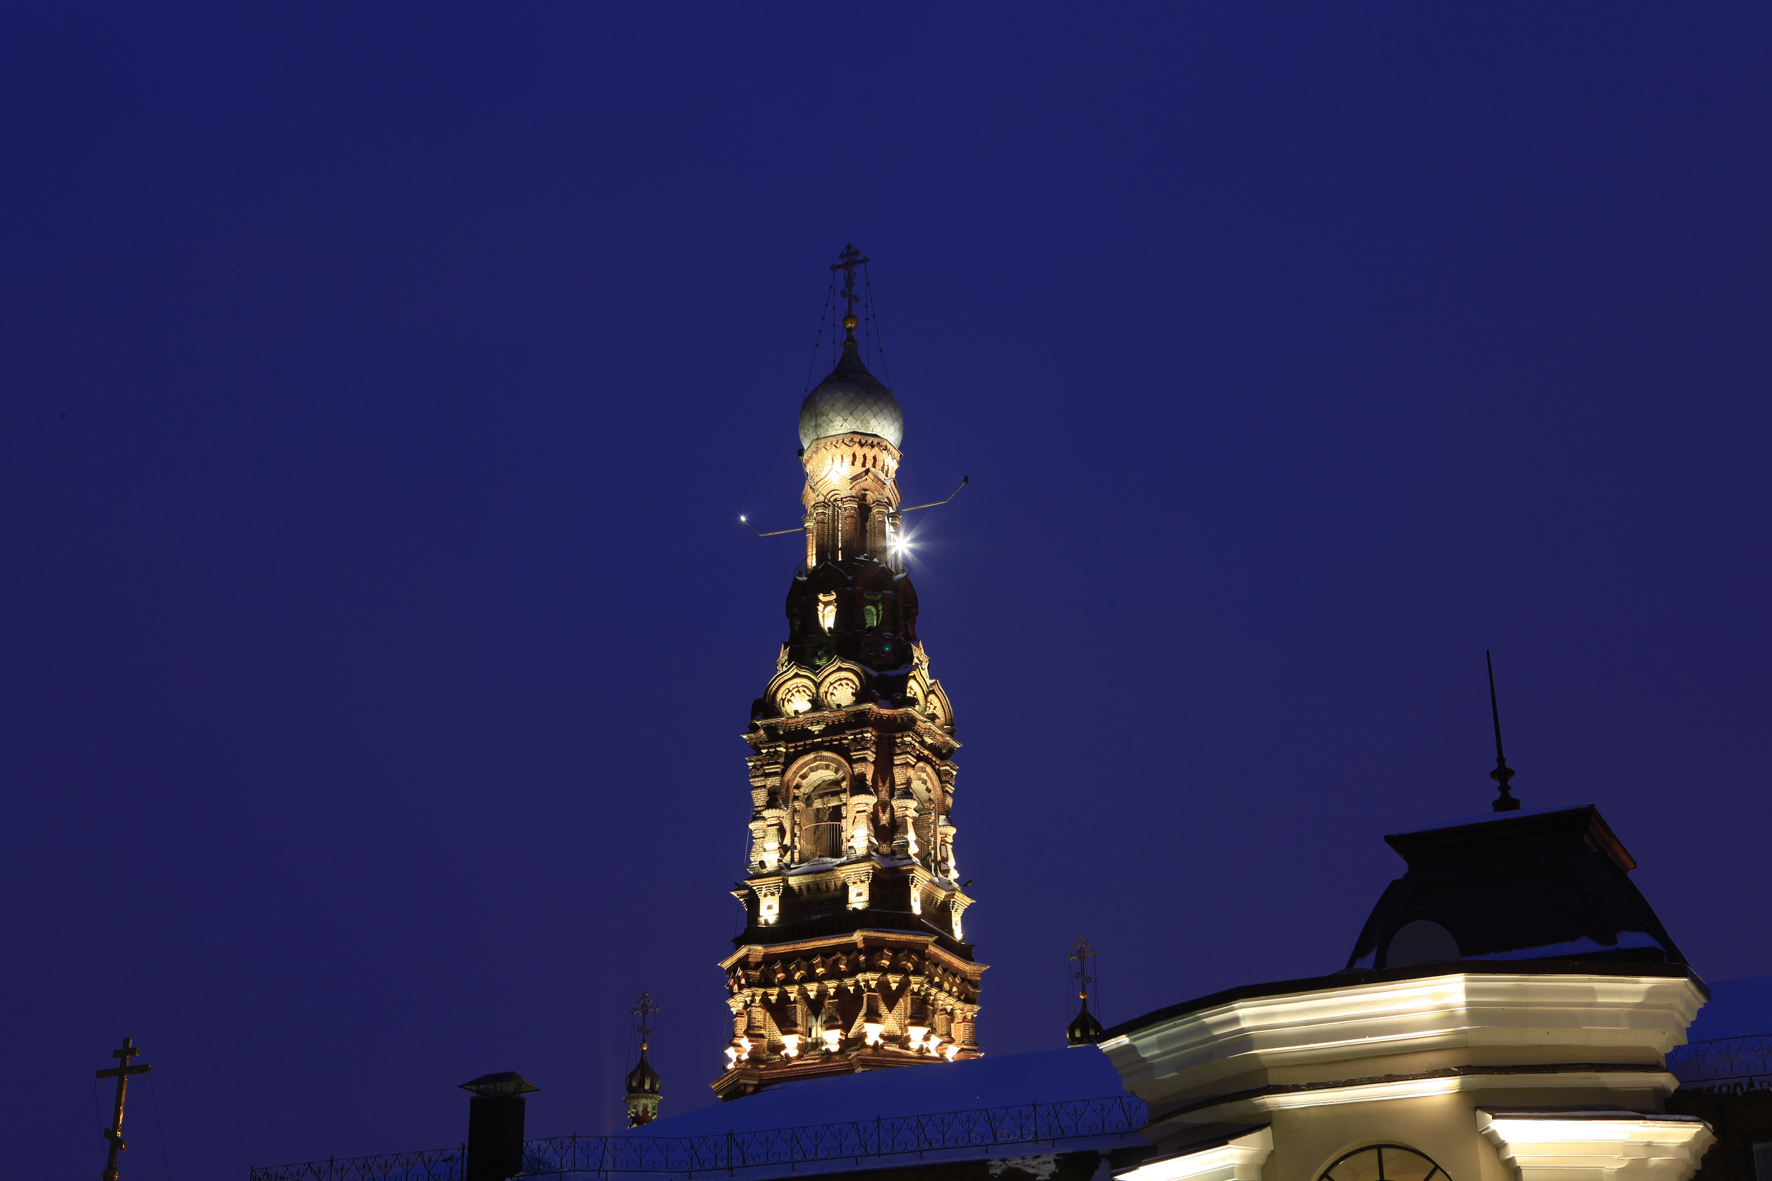 Богоявленский собор Казани, вид на колокольню